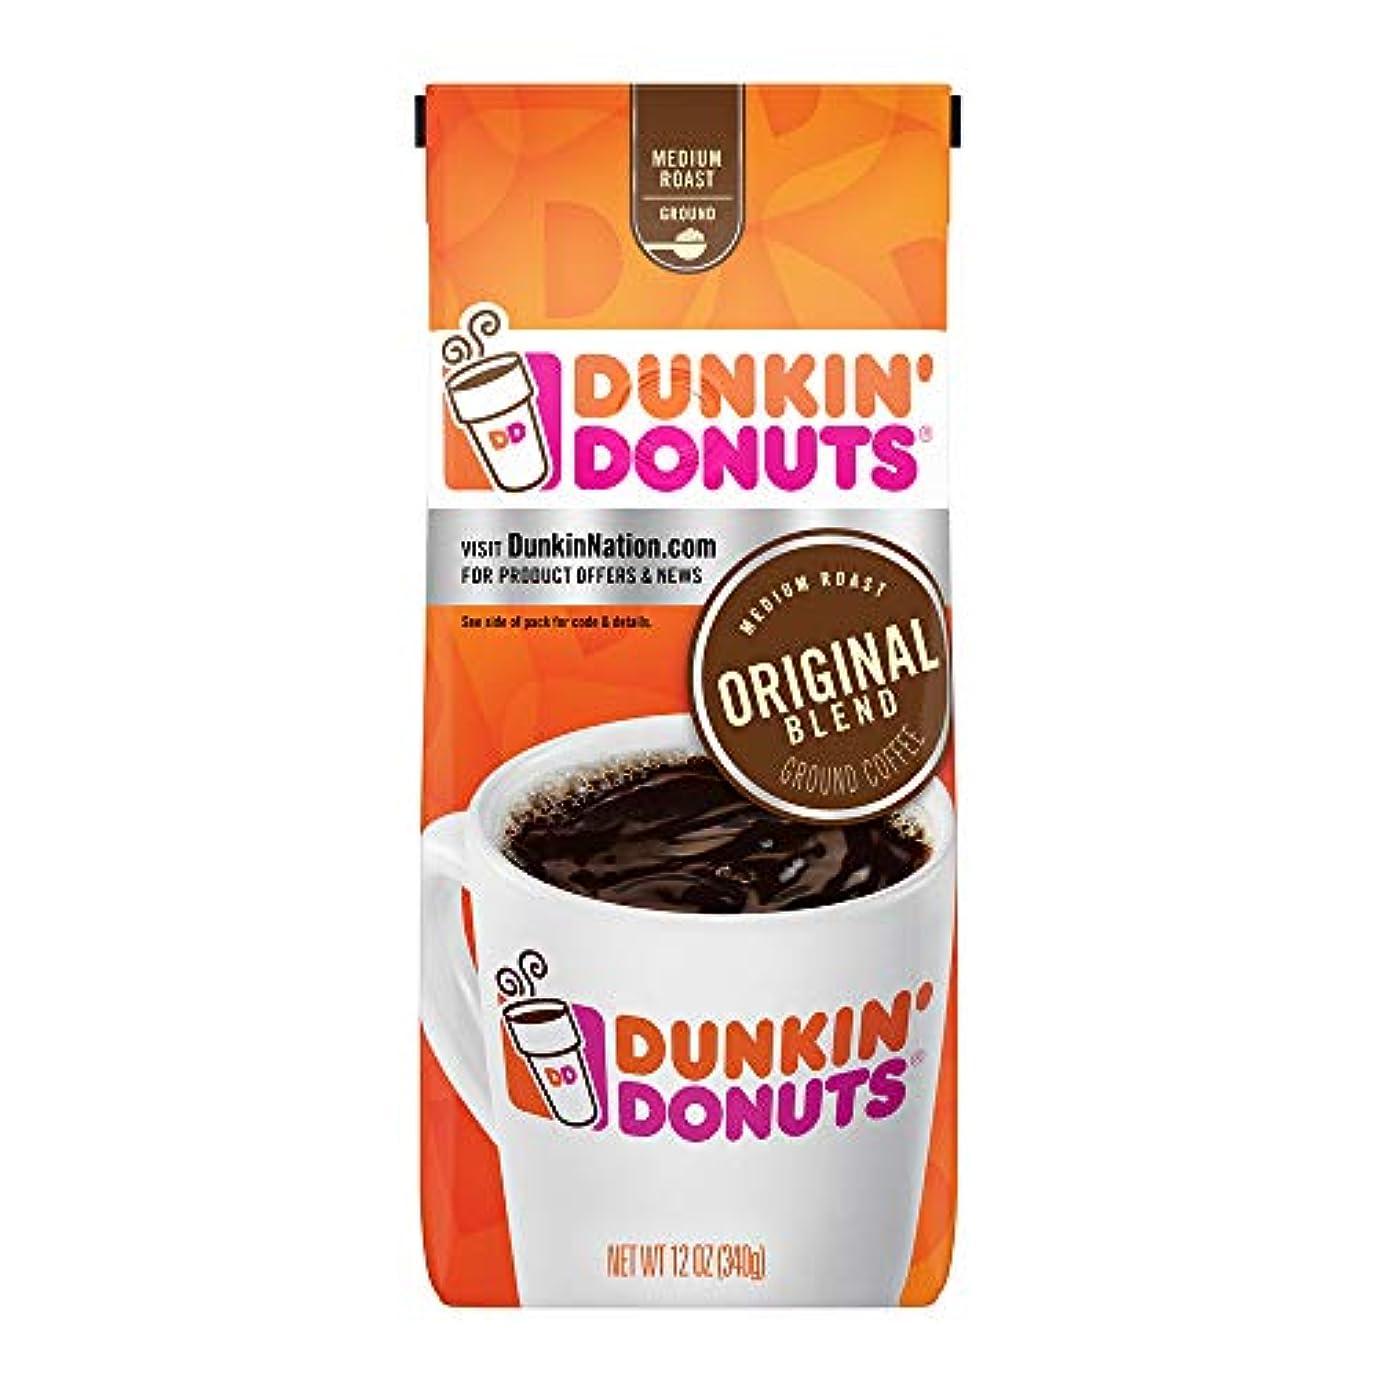 発生器発火する告発者Dunkin ' Donutsオリジナルブレンドグラウンドコーヒー